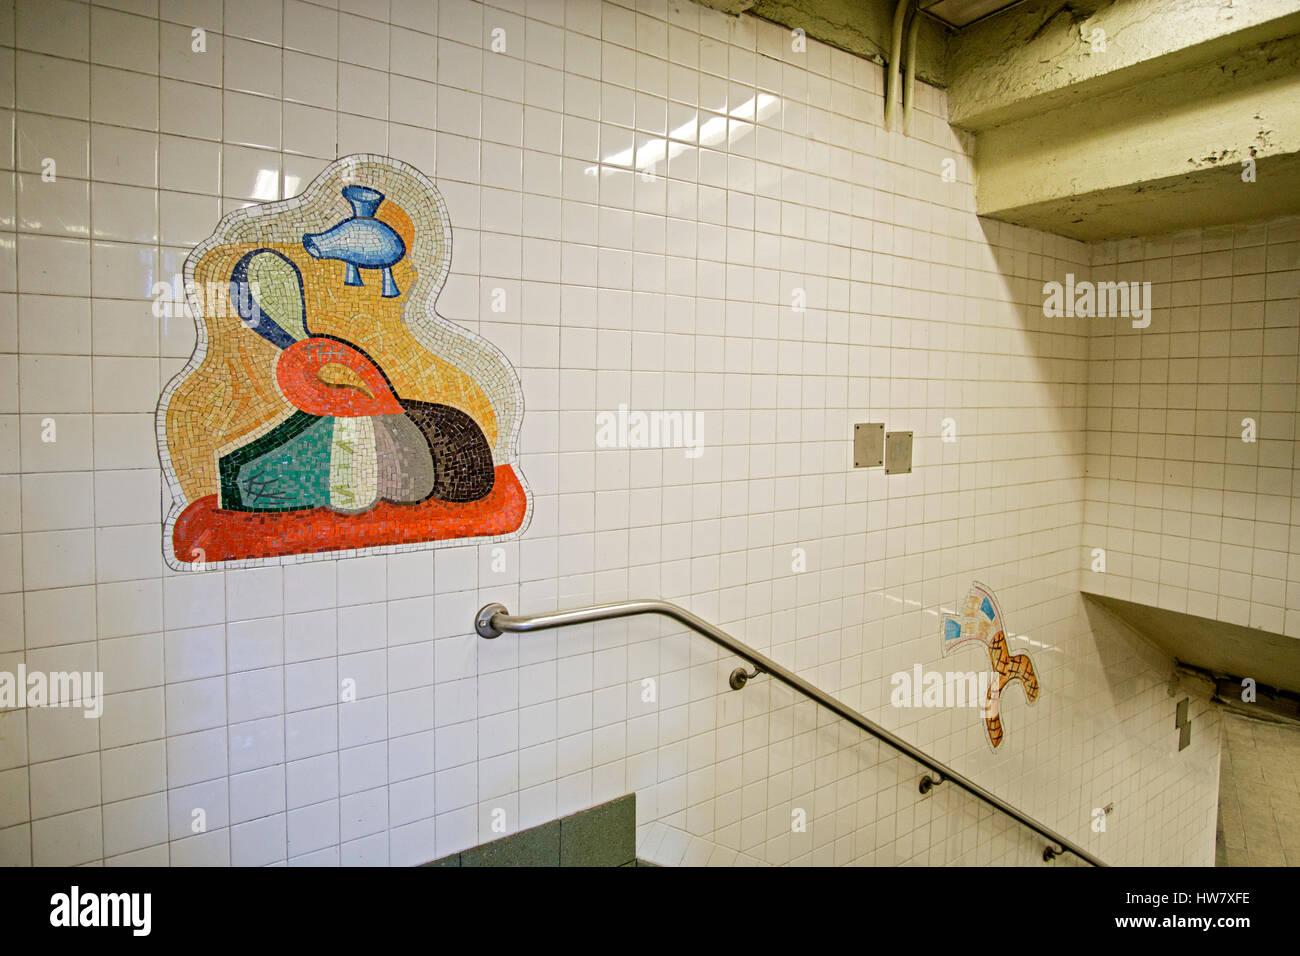 U-Bahn-Kunst am Eingang zur thef28th Street Station der N-Linie u-Bahn in The Herlad Square Abschnitt von Manhattan, Stockbild